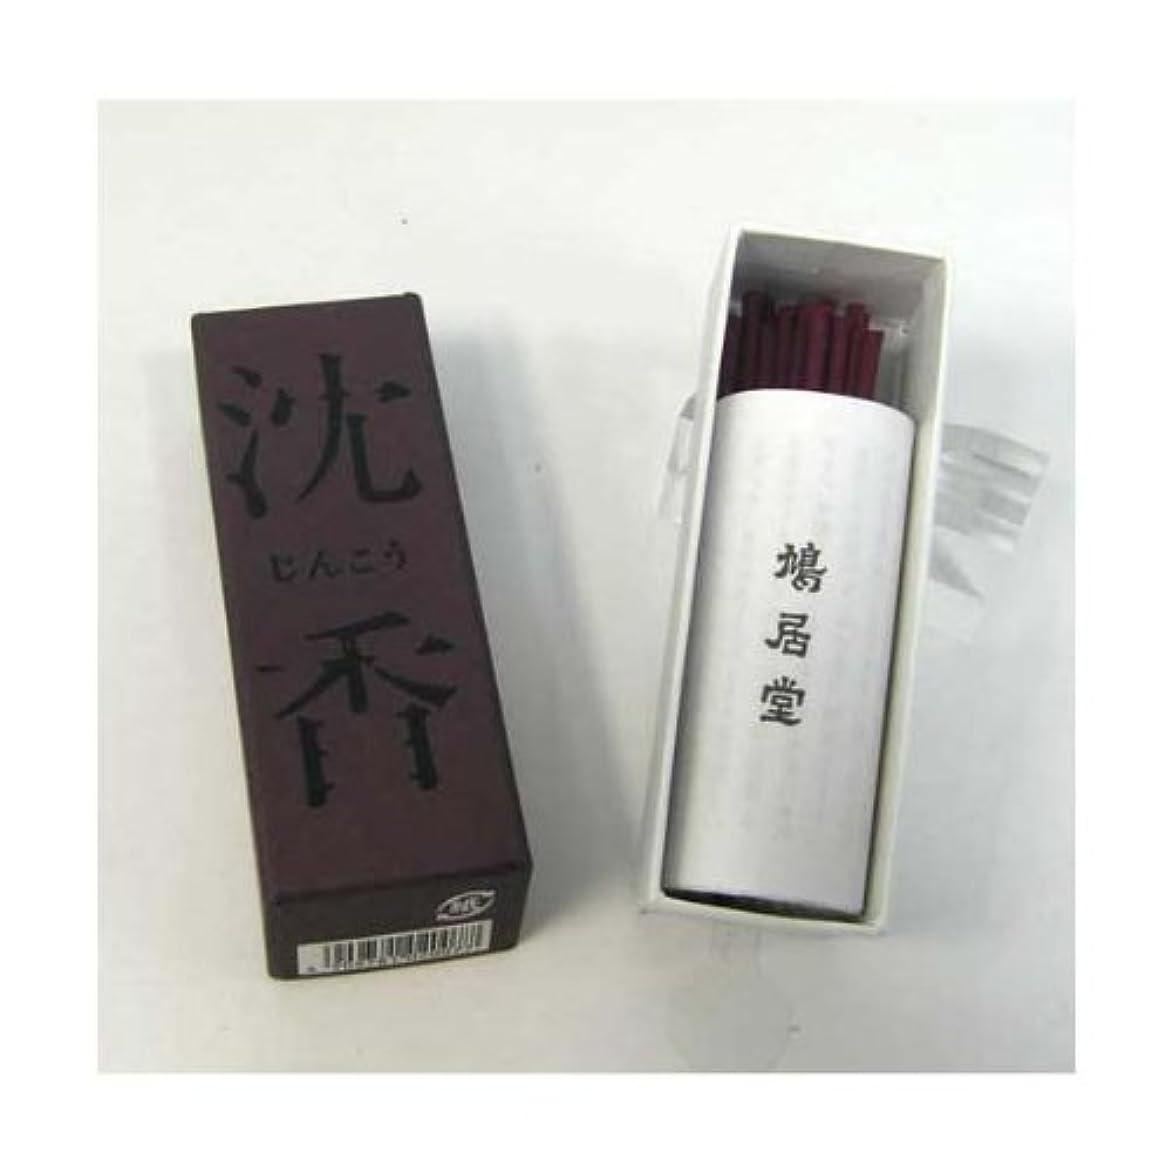 私たちテナント慢鳩居堂 お香 沈香 香木の香りシリーズ スティックタイプ(棒状香)20本いり